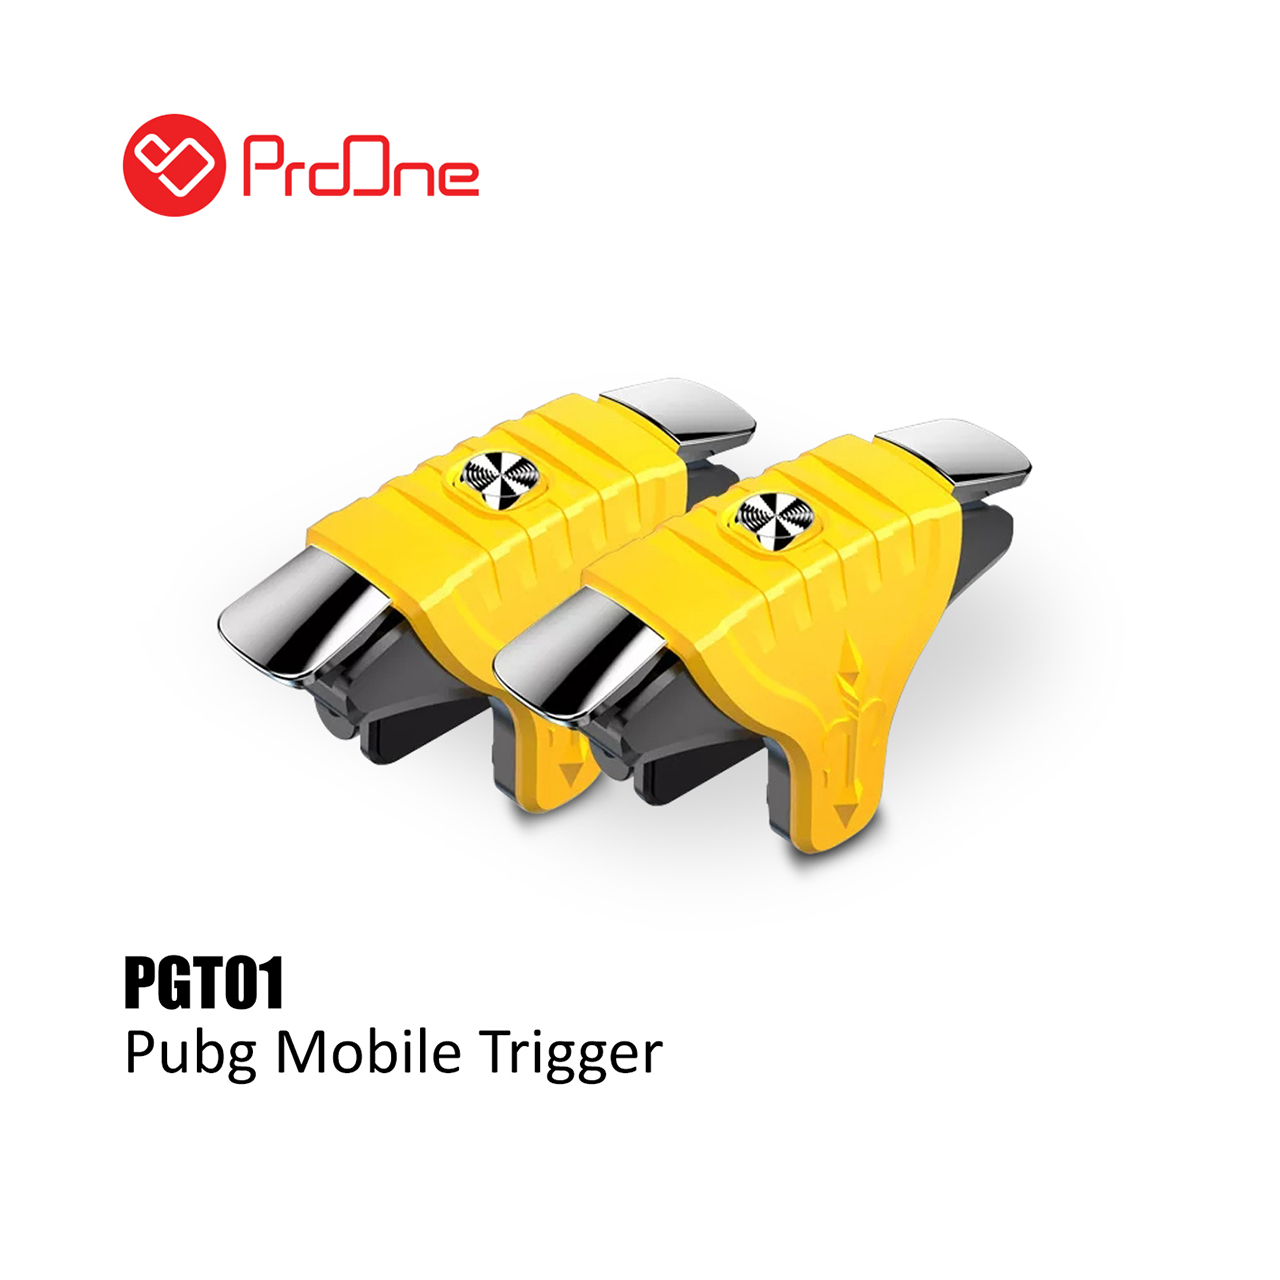 دسته بازی PUBG پرووان مدل PGT01